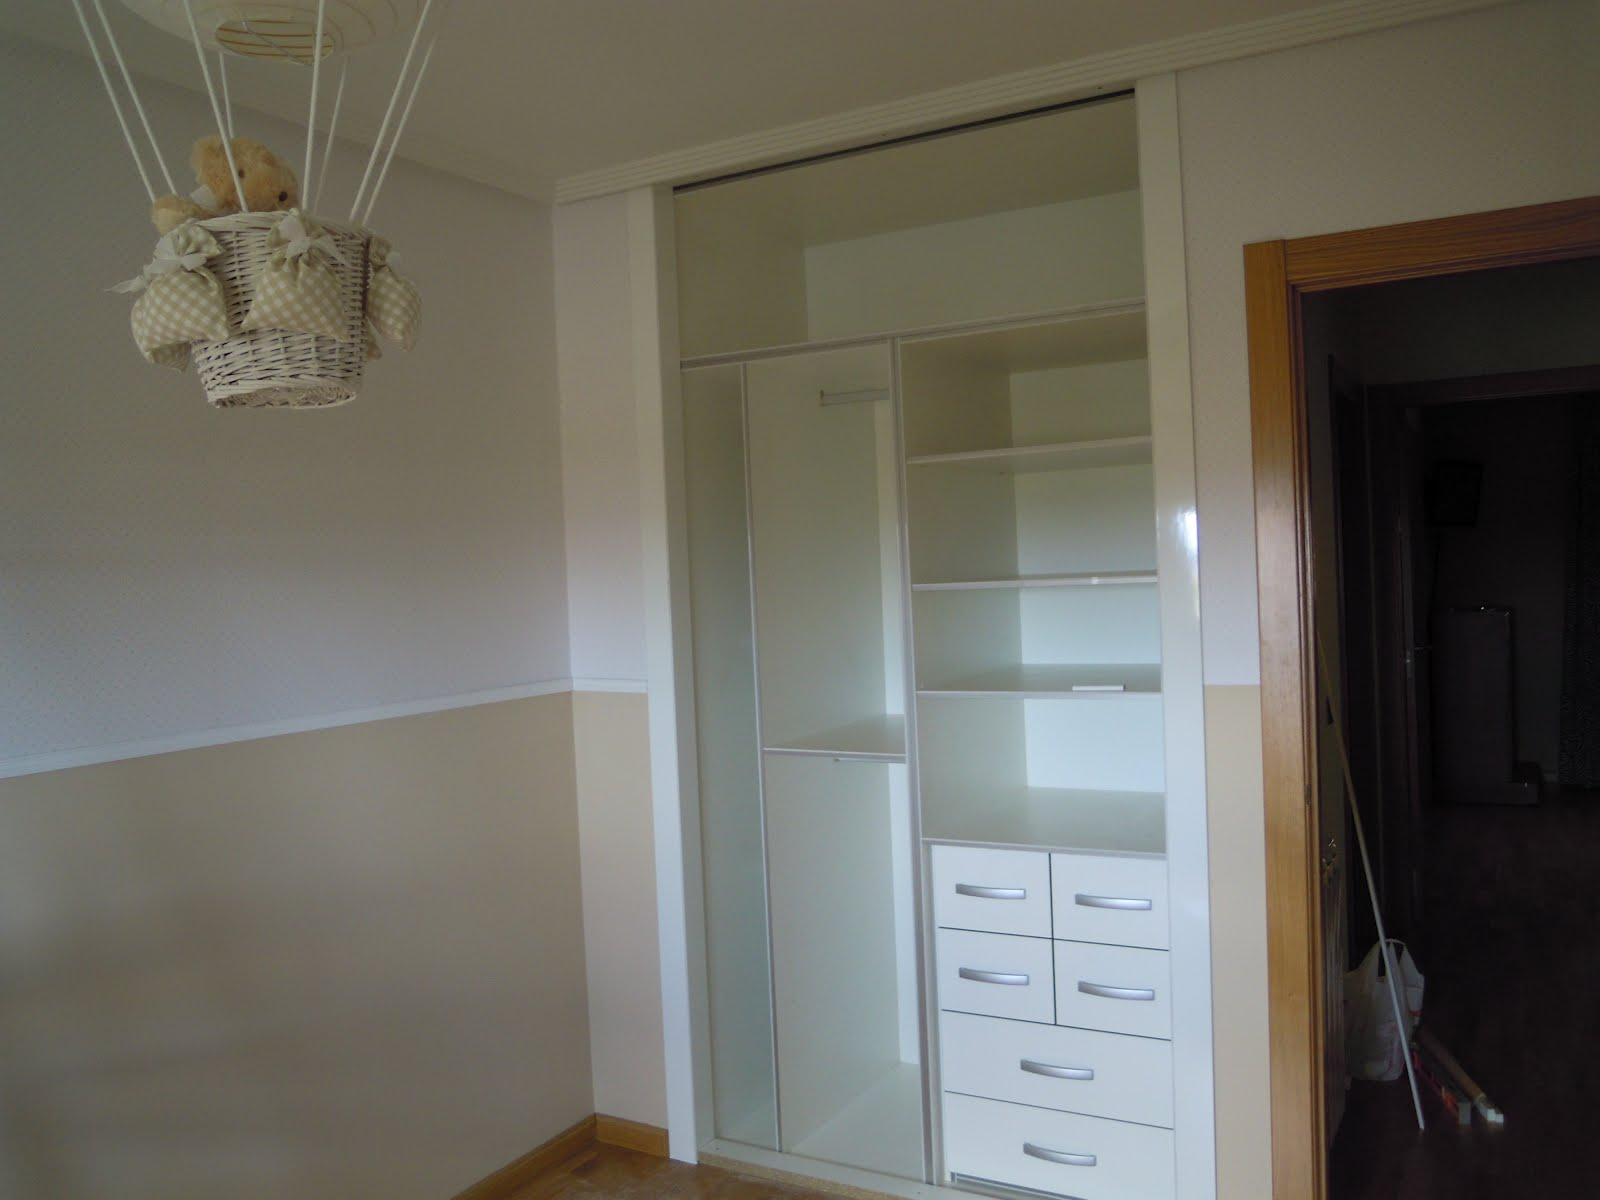 Astormueble armario empotrado habitaci n infantil - Armarios de habitacion ...